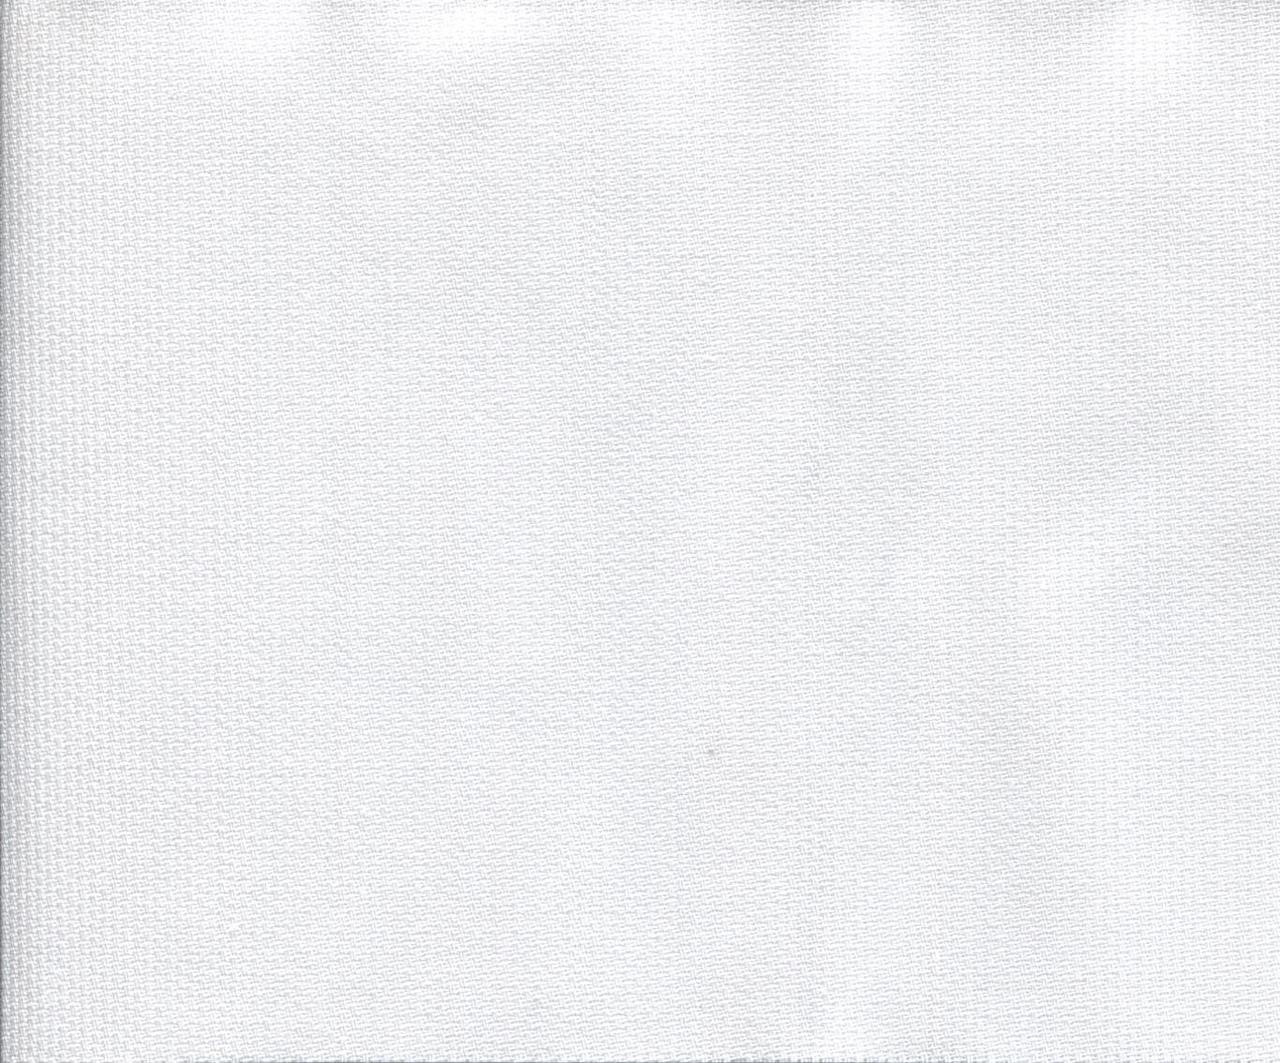 White 100% Cotton Pima Wale Pique 145 cm -